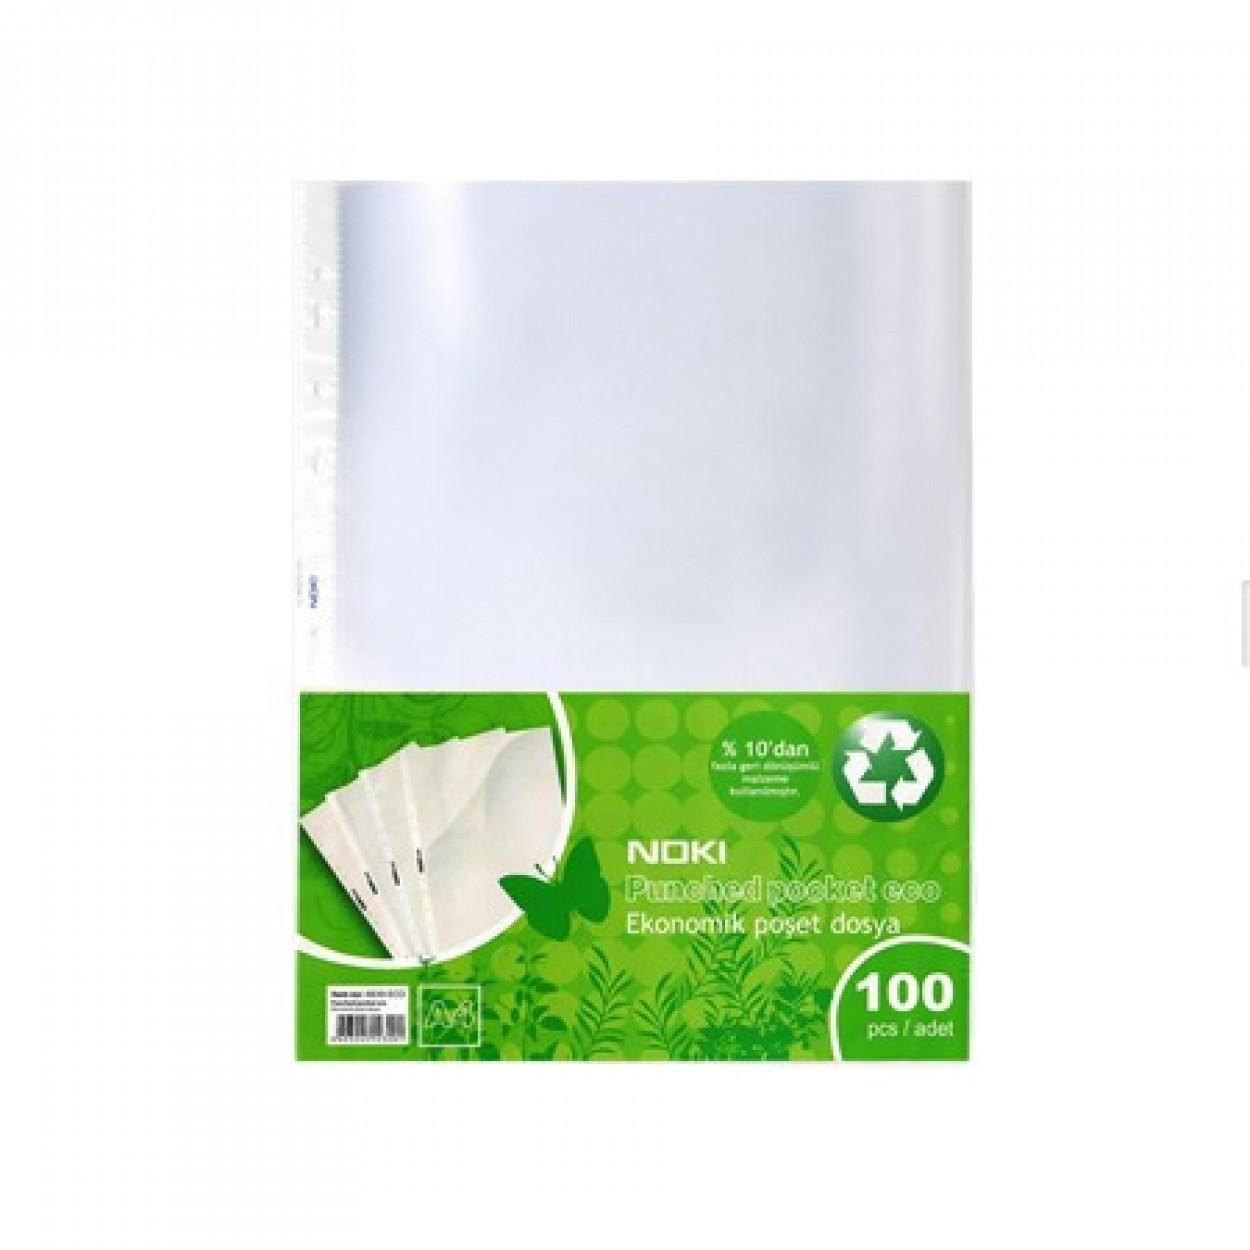 Noki Poşet Dosya Eco 100'Lü